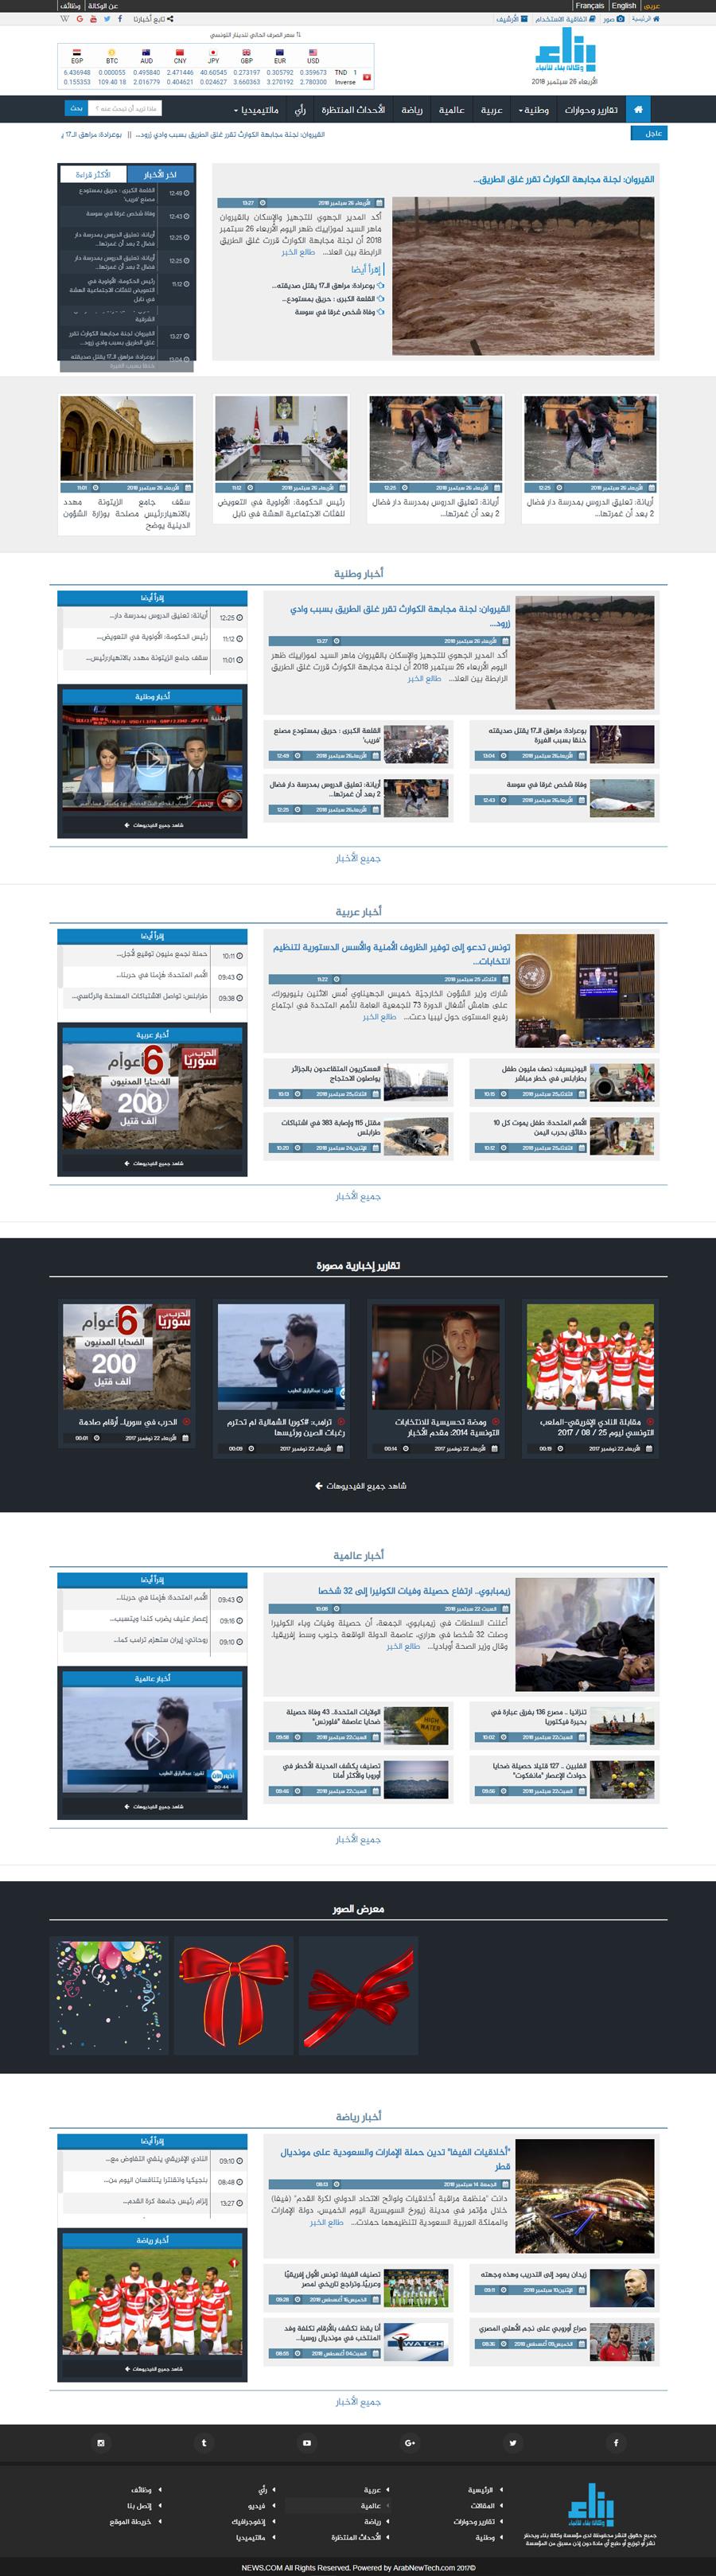 تصميم وبرمجة موقع وكالة بناء للأنباء